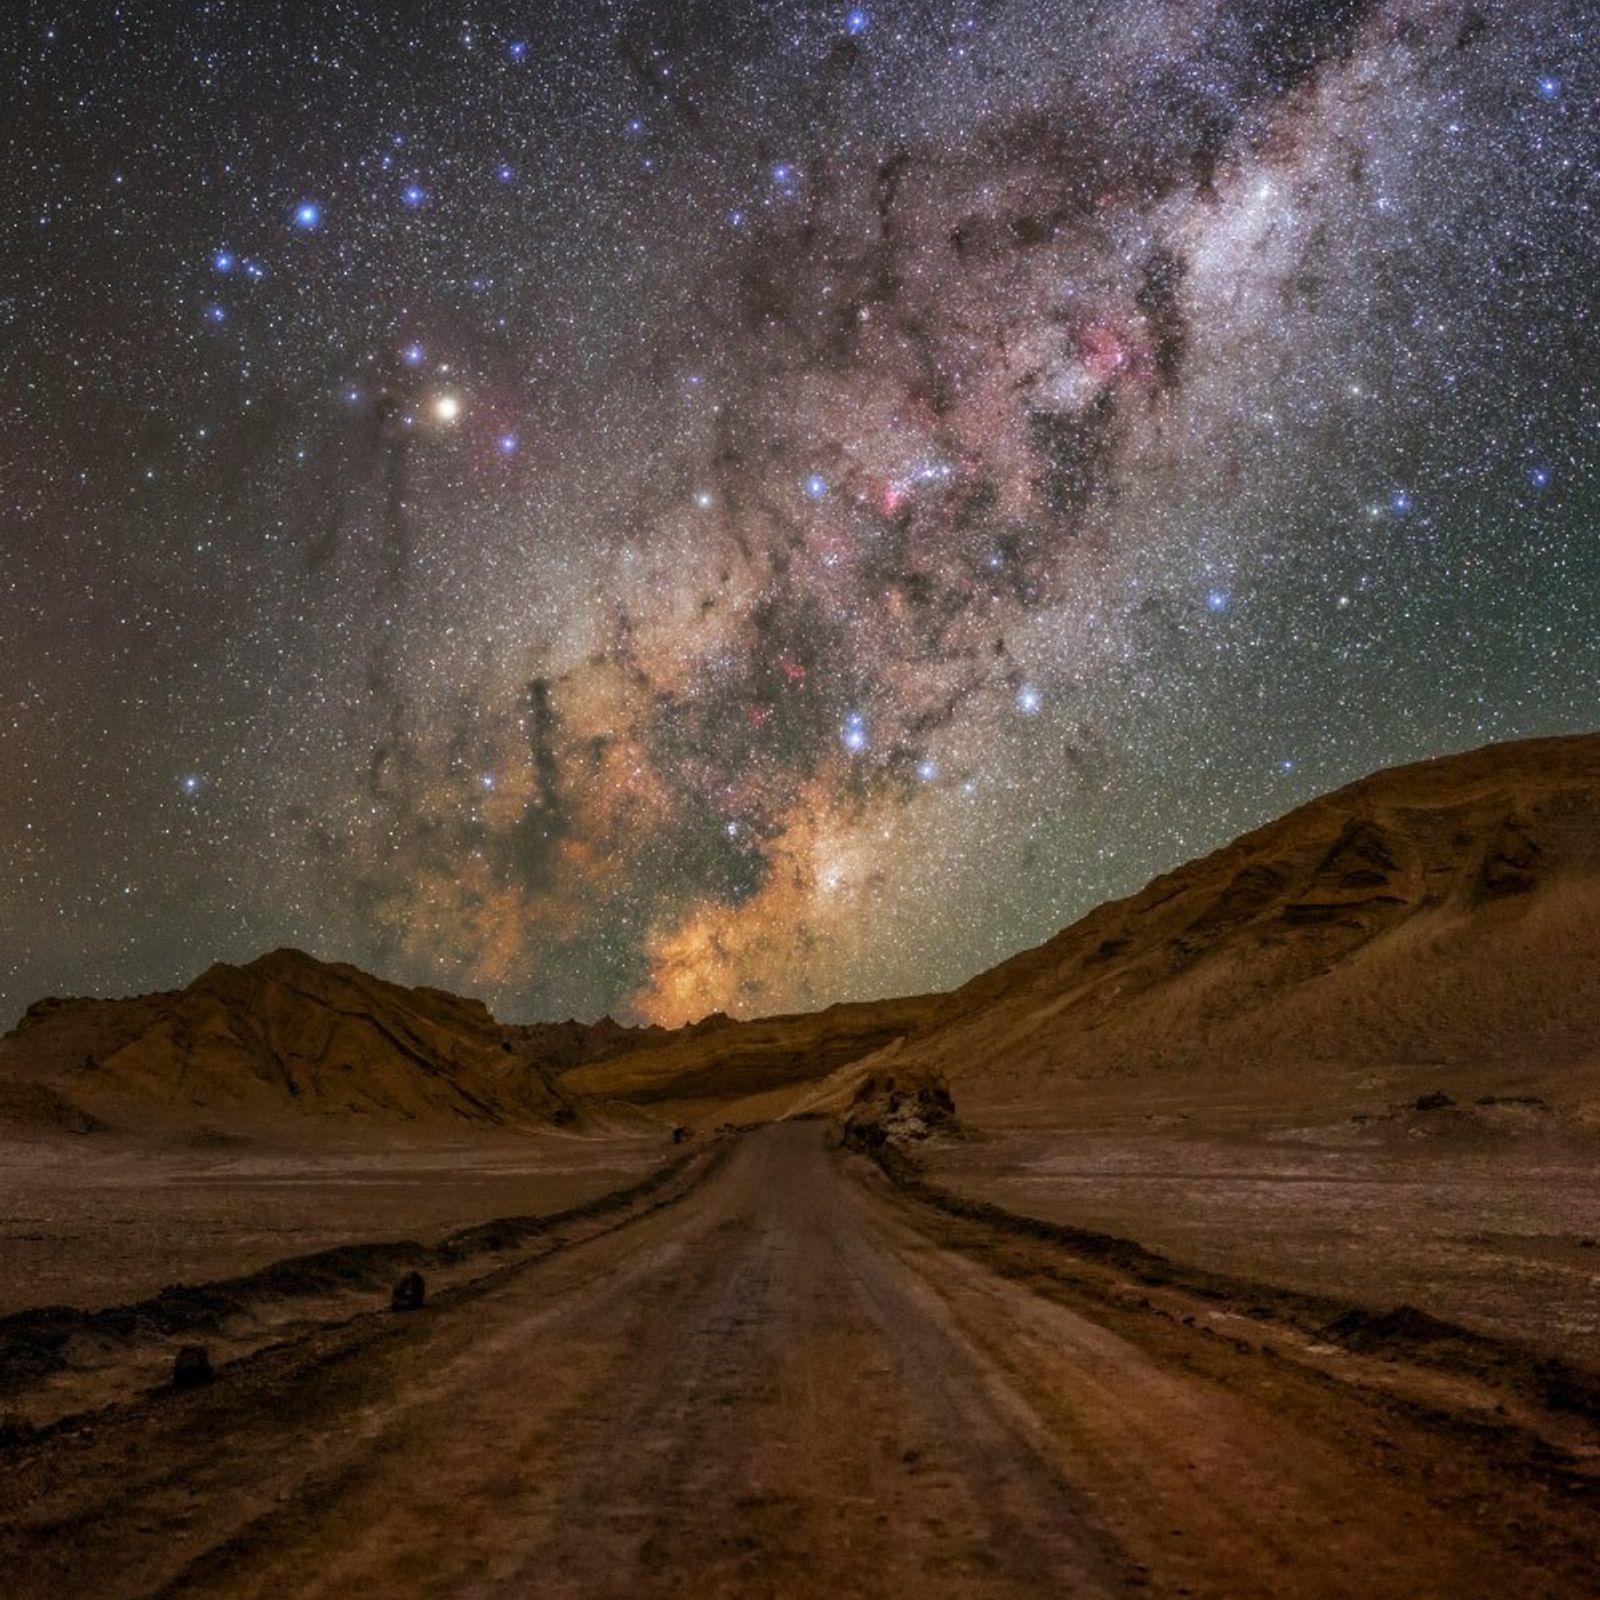 Le désert d'Atacama au Chili est la Mecque des astronomes. Cet endroit, connu pour son absence ...